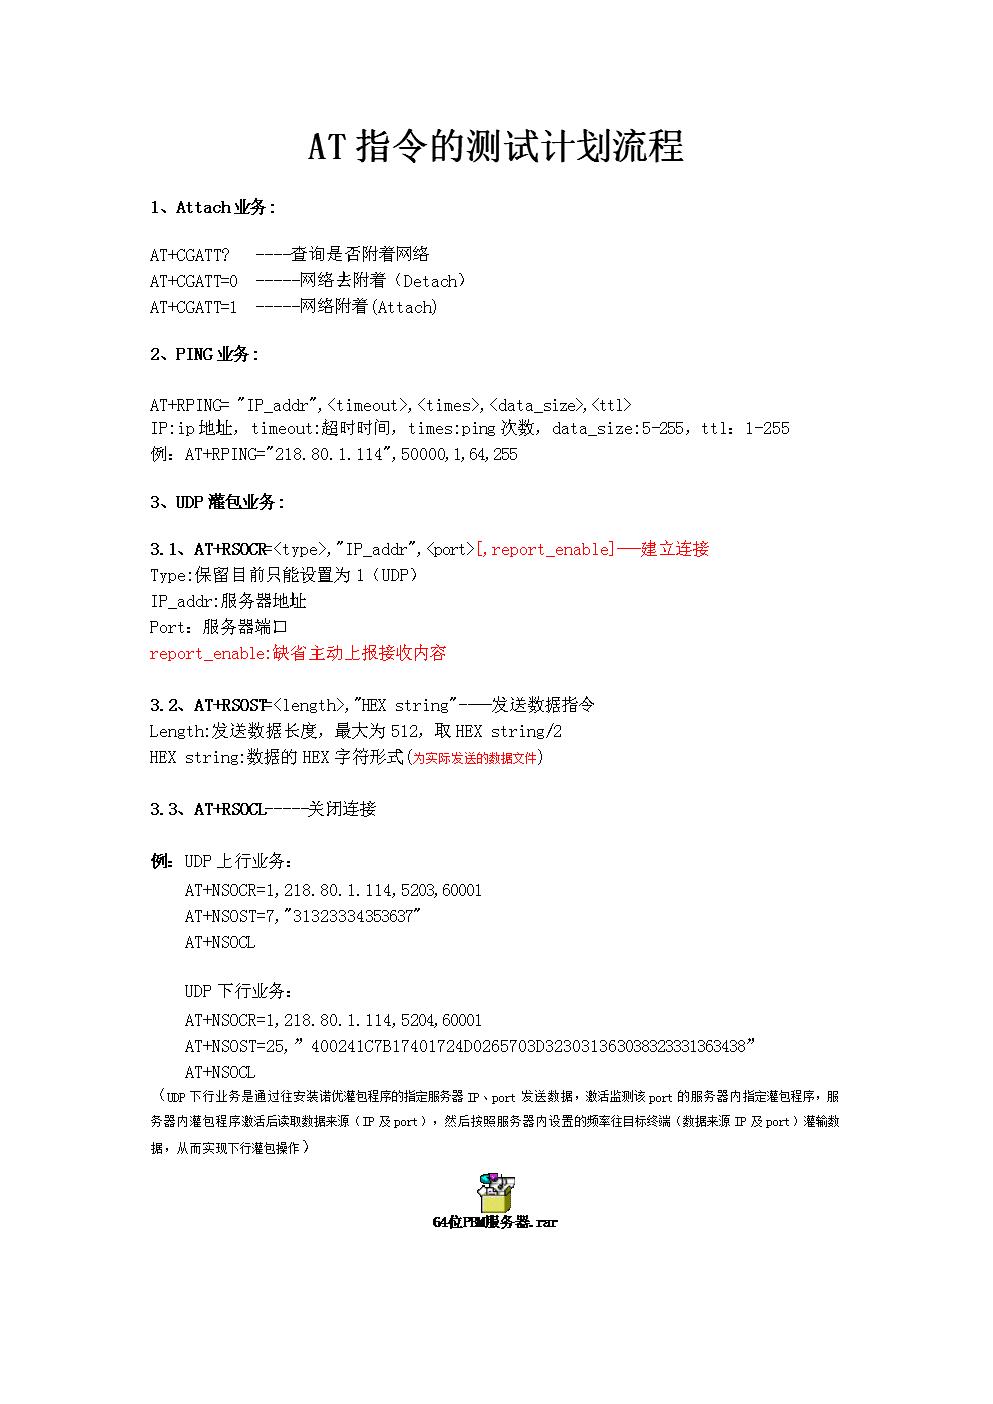 AT指令的测试计划流程汇总_尧远模组.doc